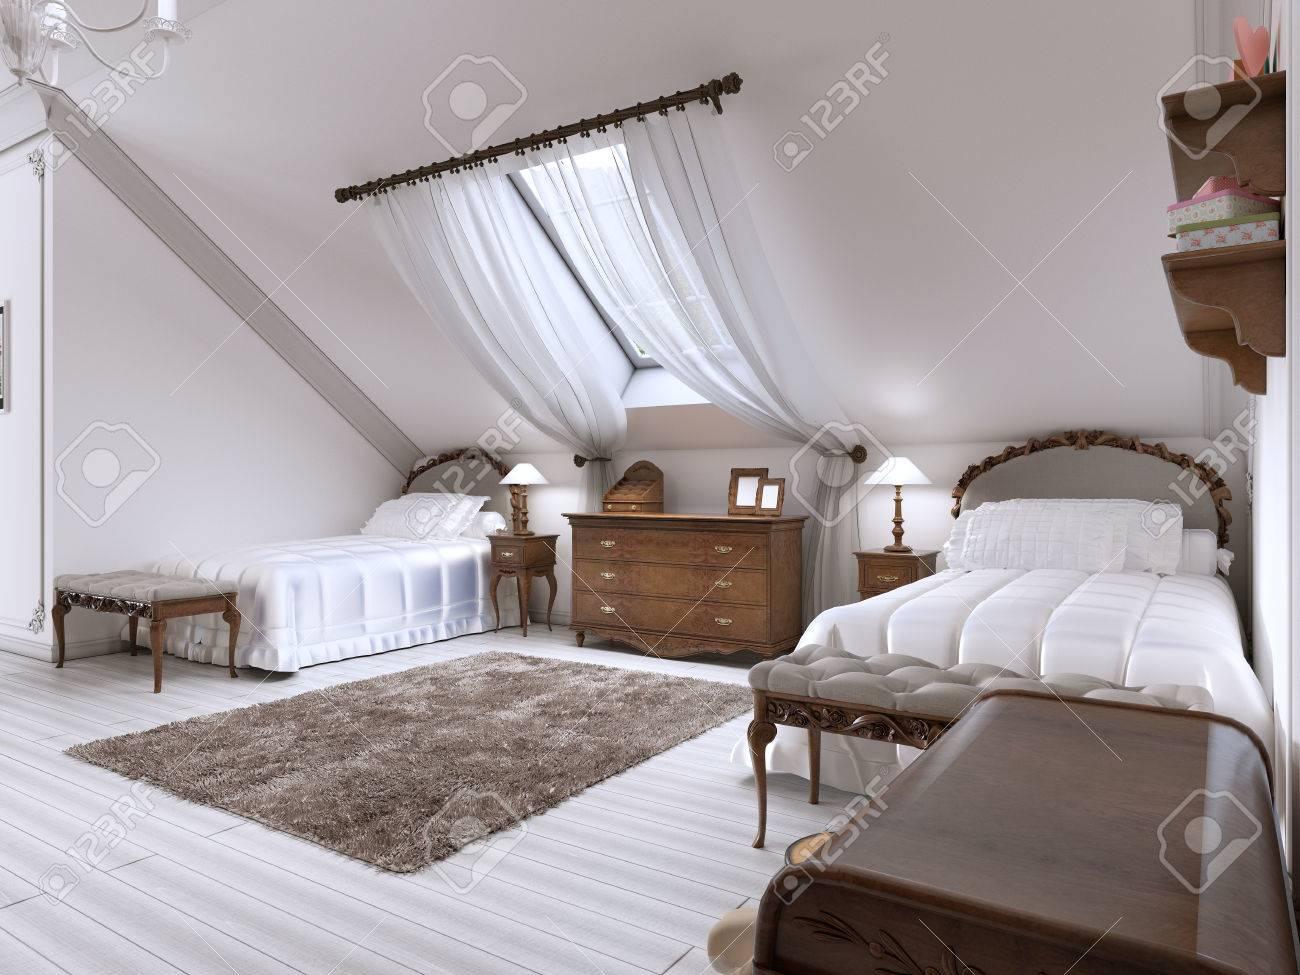 Full Size of Betten Holz Luxus Mit Zwei Und Ein Dachfenster Braun Unterschrank Bad Bei Ikea Esstisch Massiv 140x200 Innocent Küche Weiß Alu Fenster 160x200 Rauch Bett Betten Holz